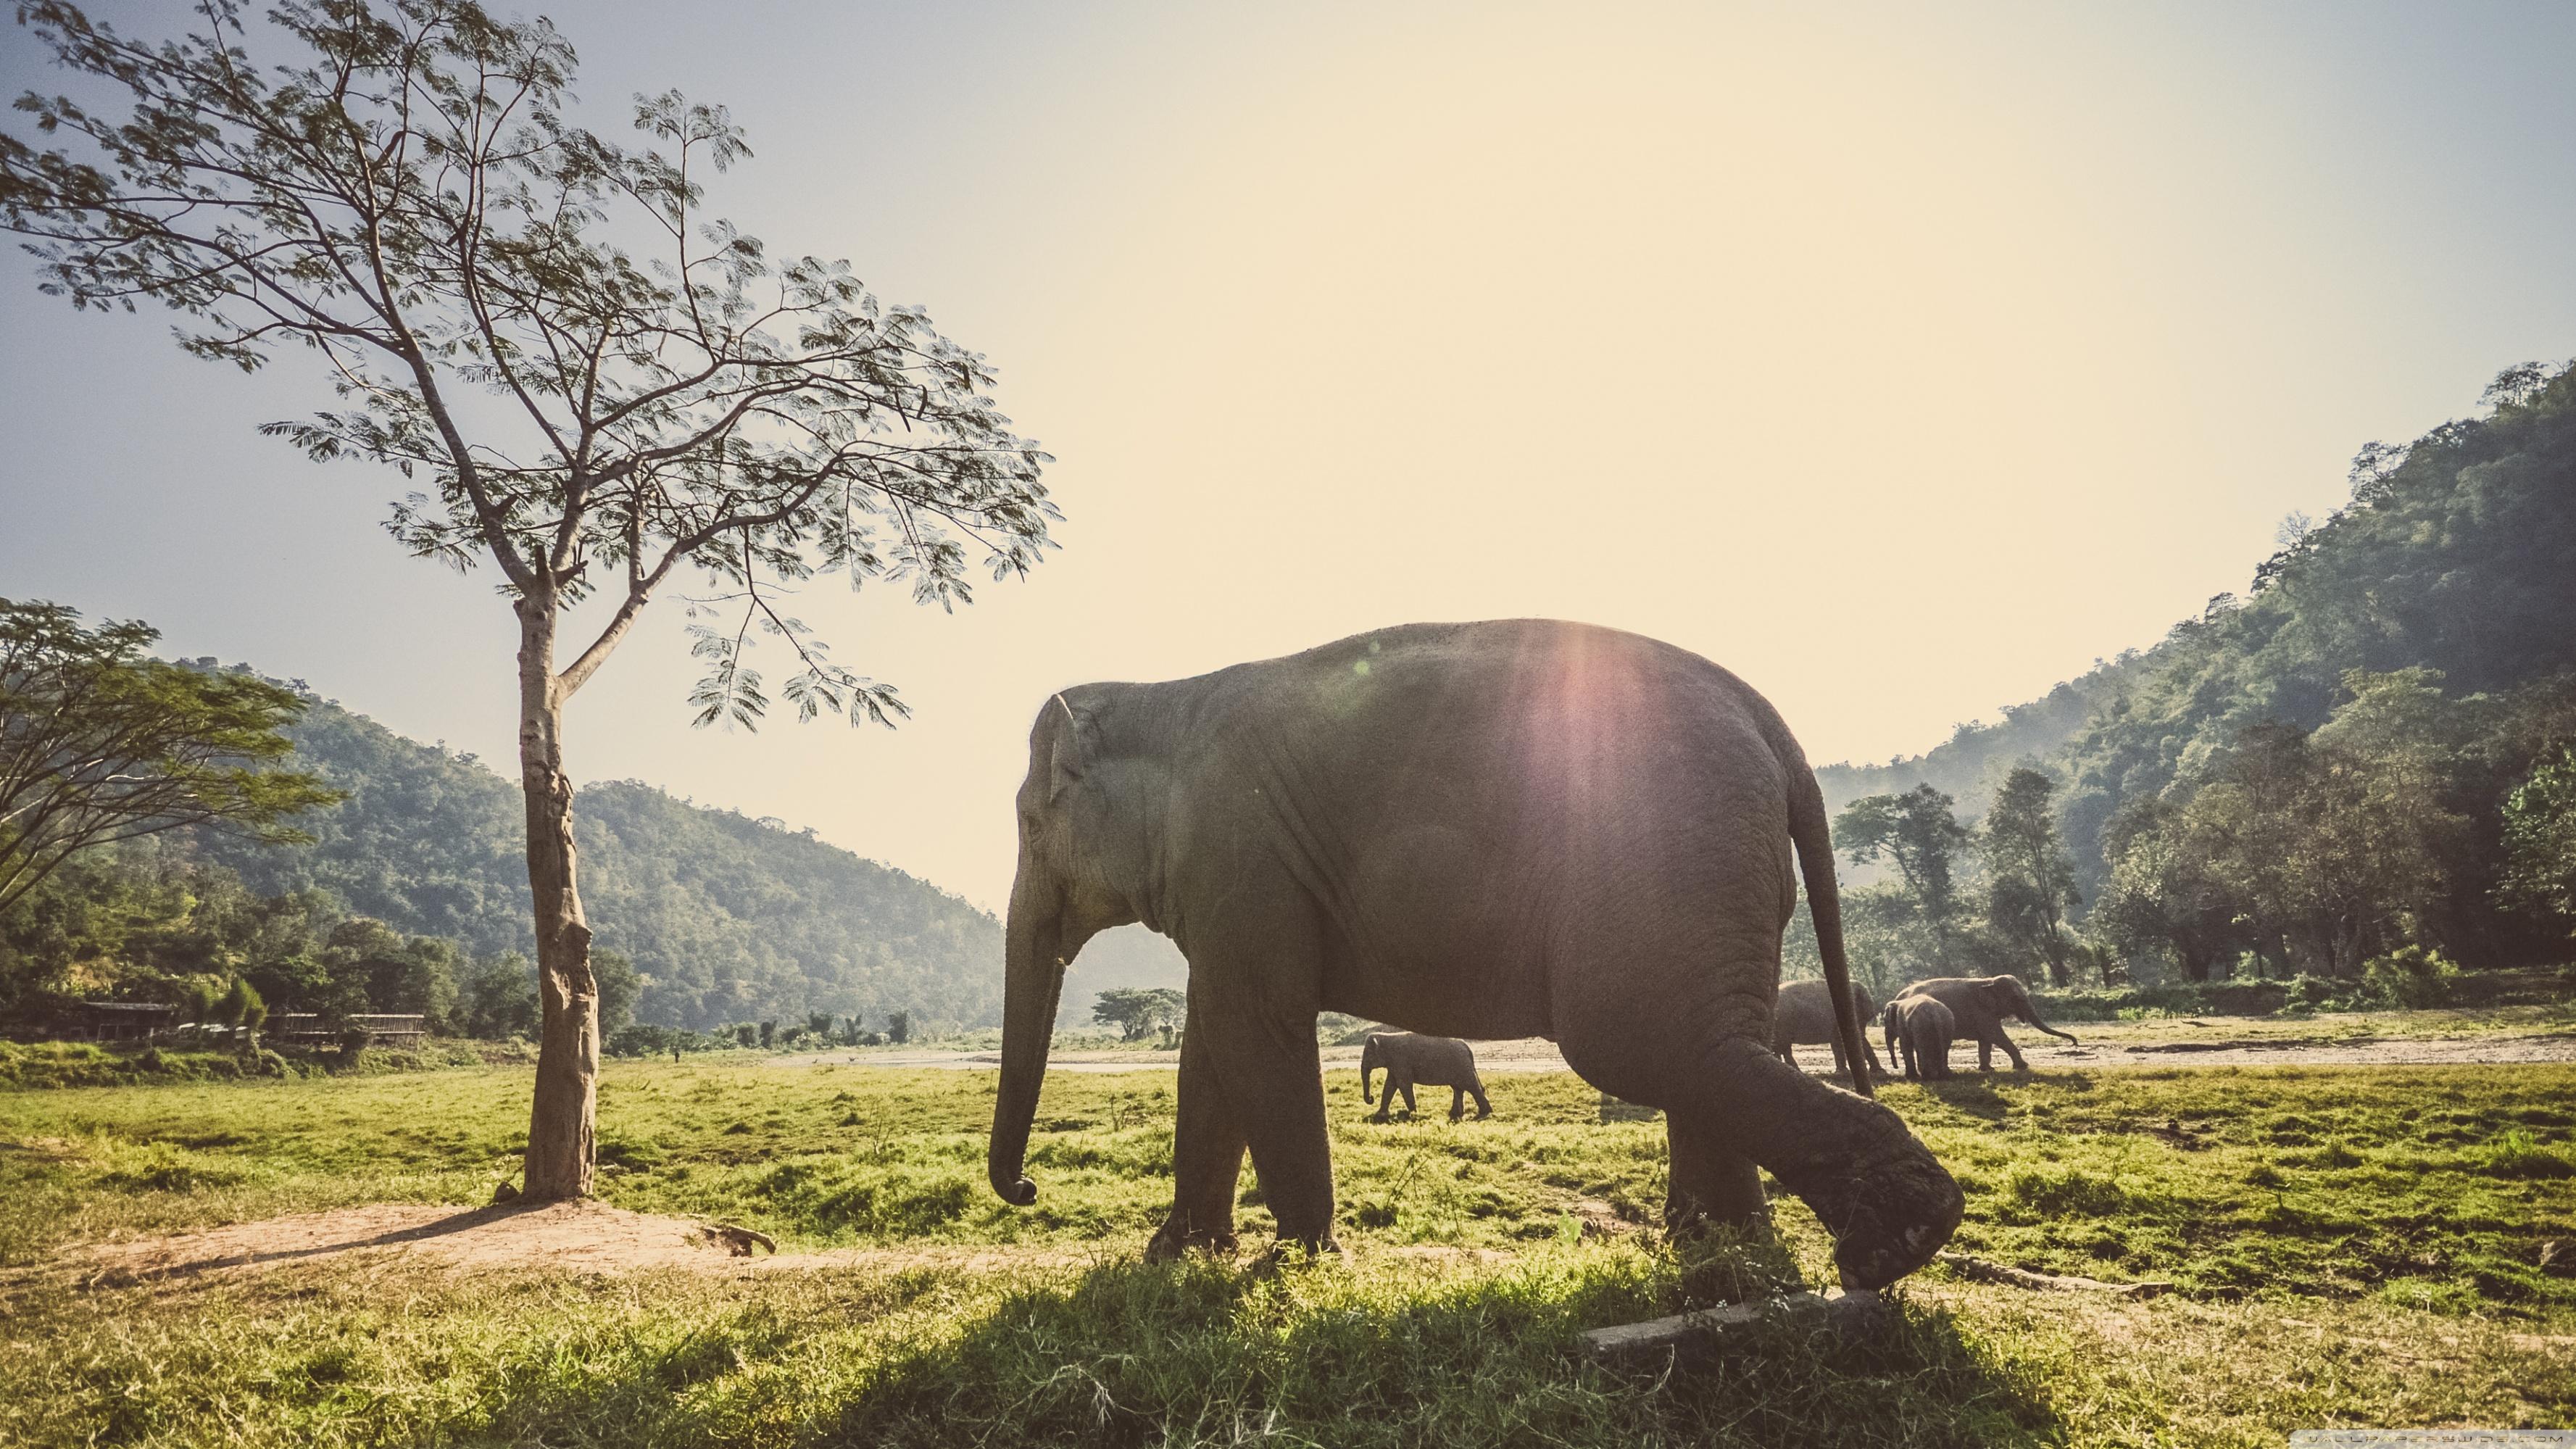 Standard Thailand Elephant 2013560 Hd Wallpaper